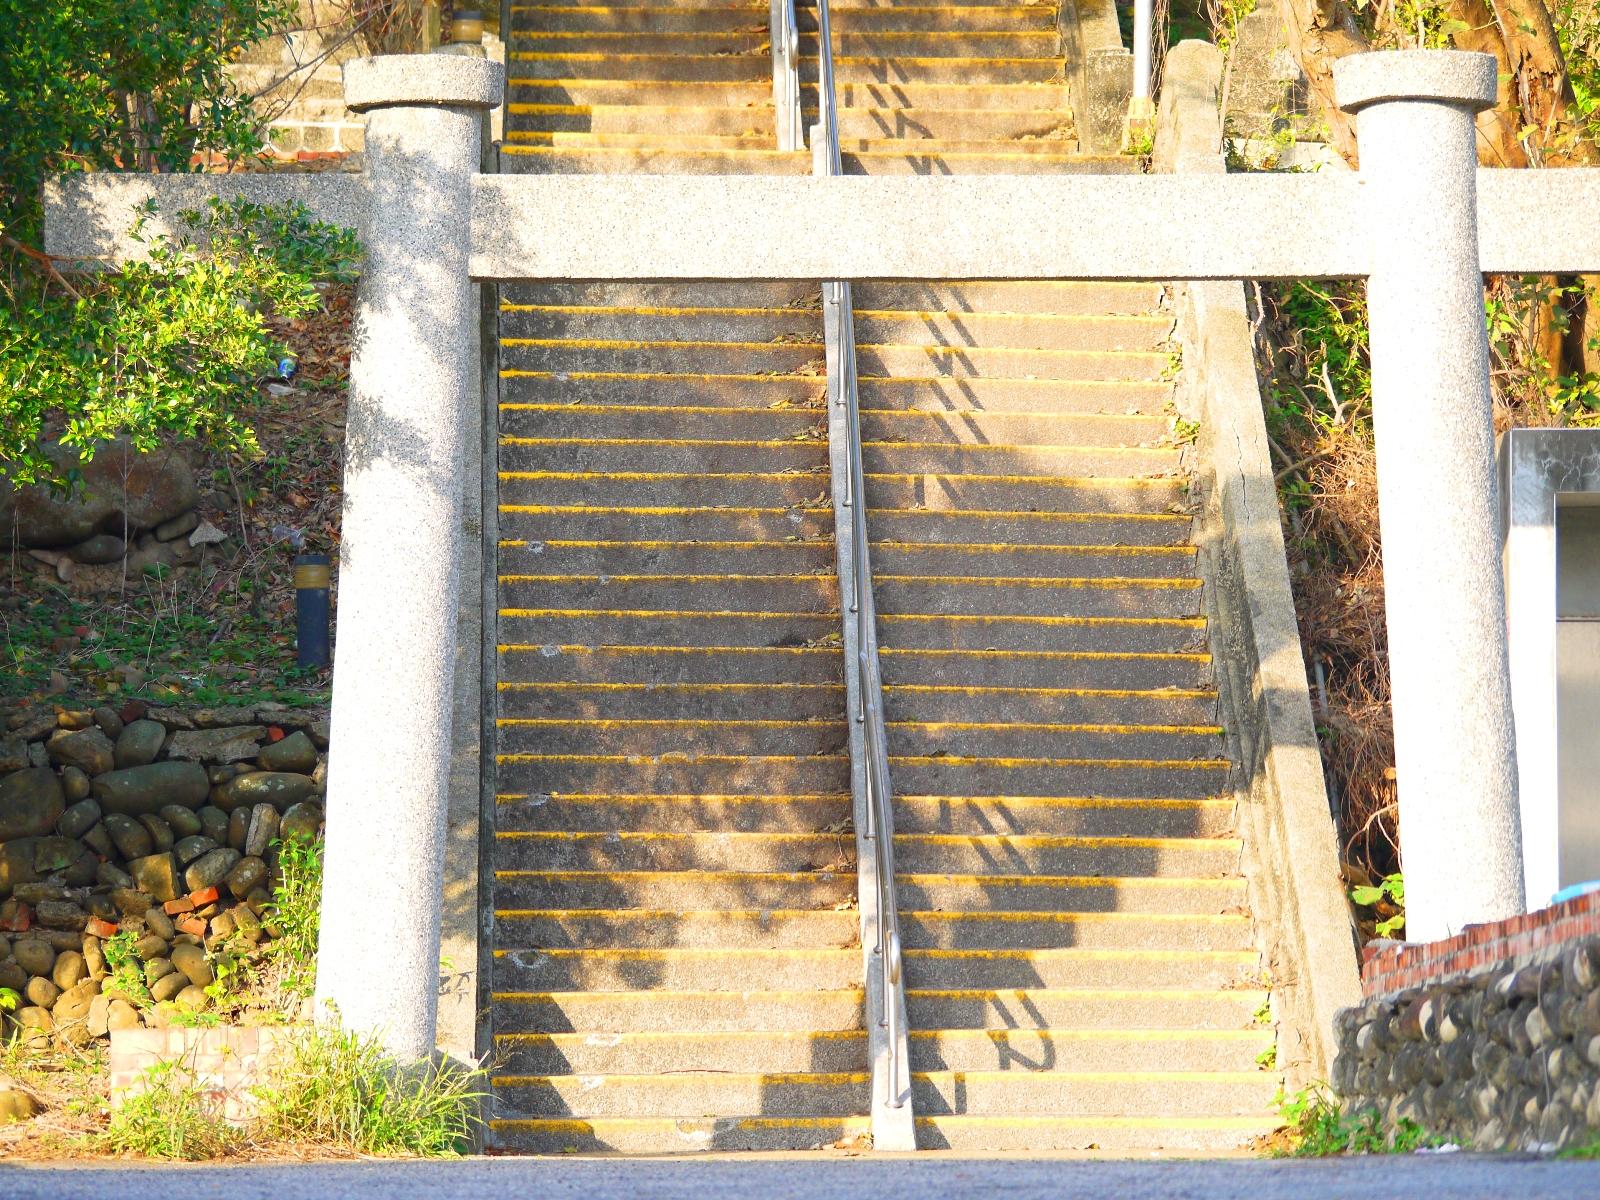 神社鳥居   好漢坡   神社入口   Miaoli Inari Shrine Ruins   びょうりつし   ミアオリー   Wafu Taiwan   巡日旅行攝   RoundtripJp